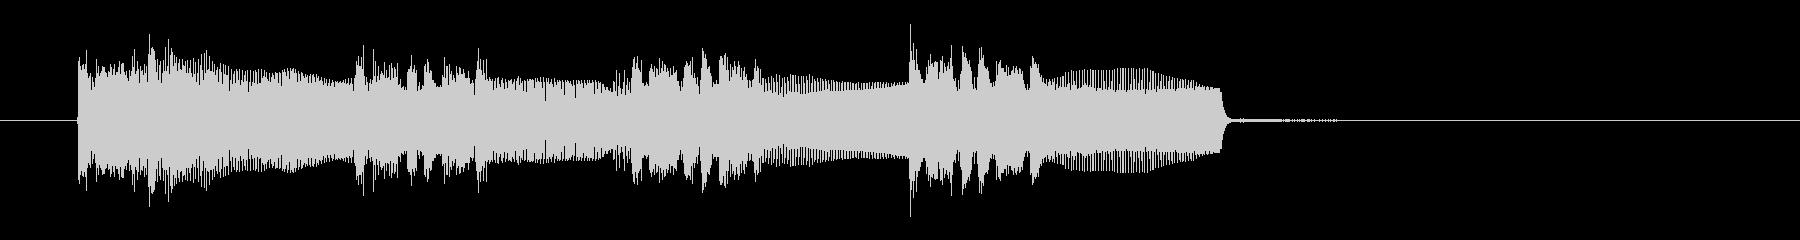 シンセサイザーによる未来的感覚のBGMの未再生の波形